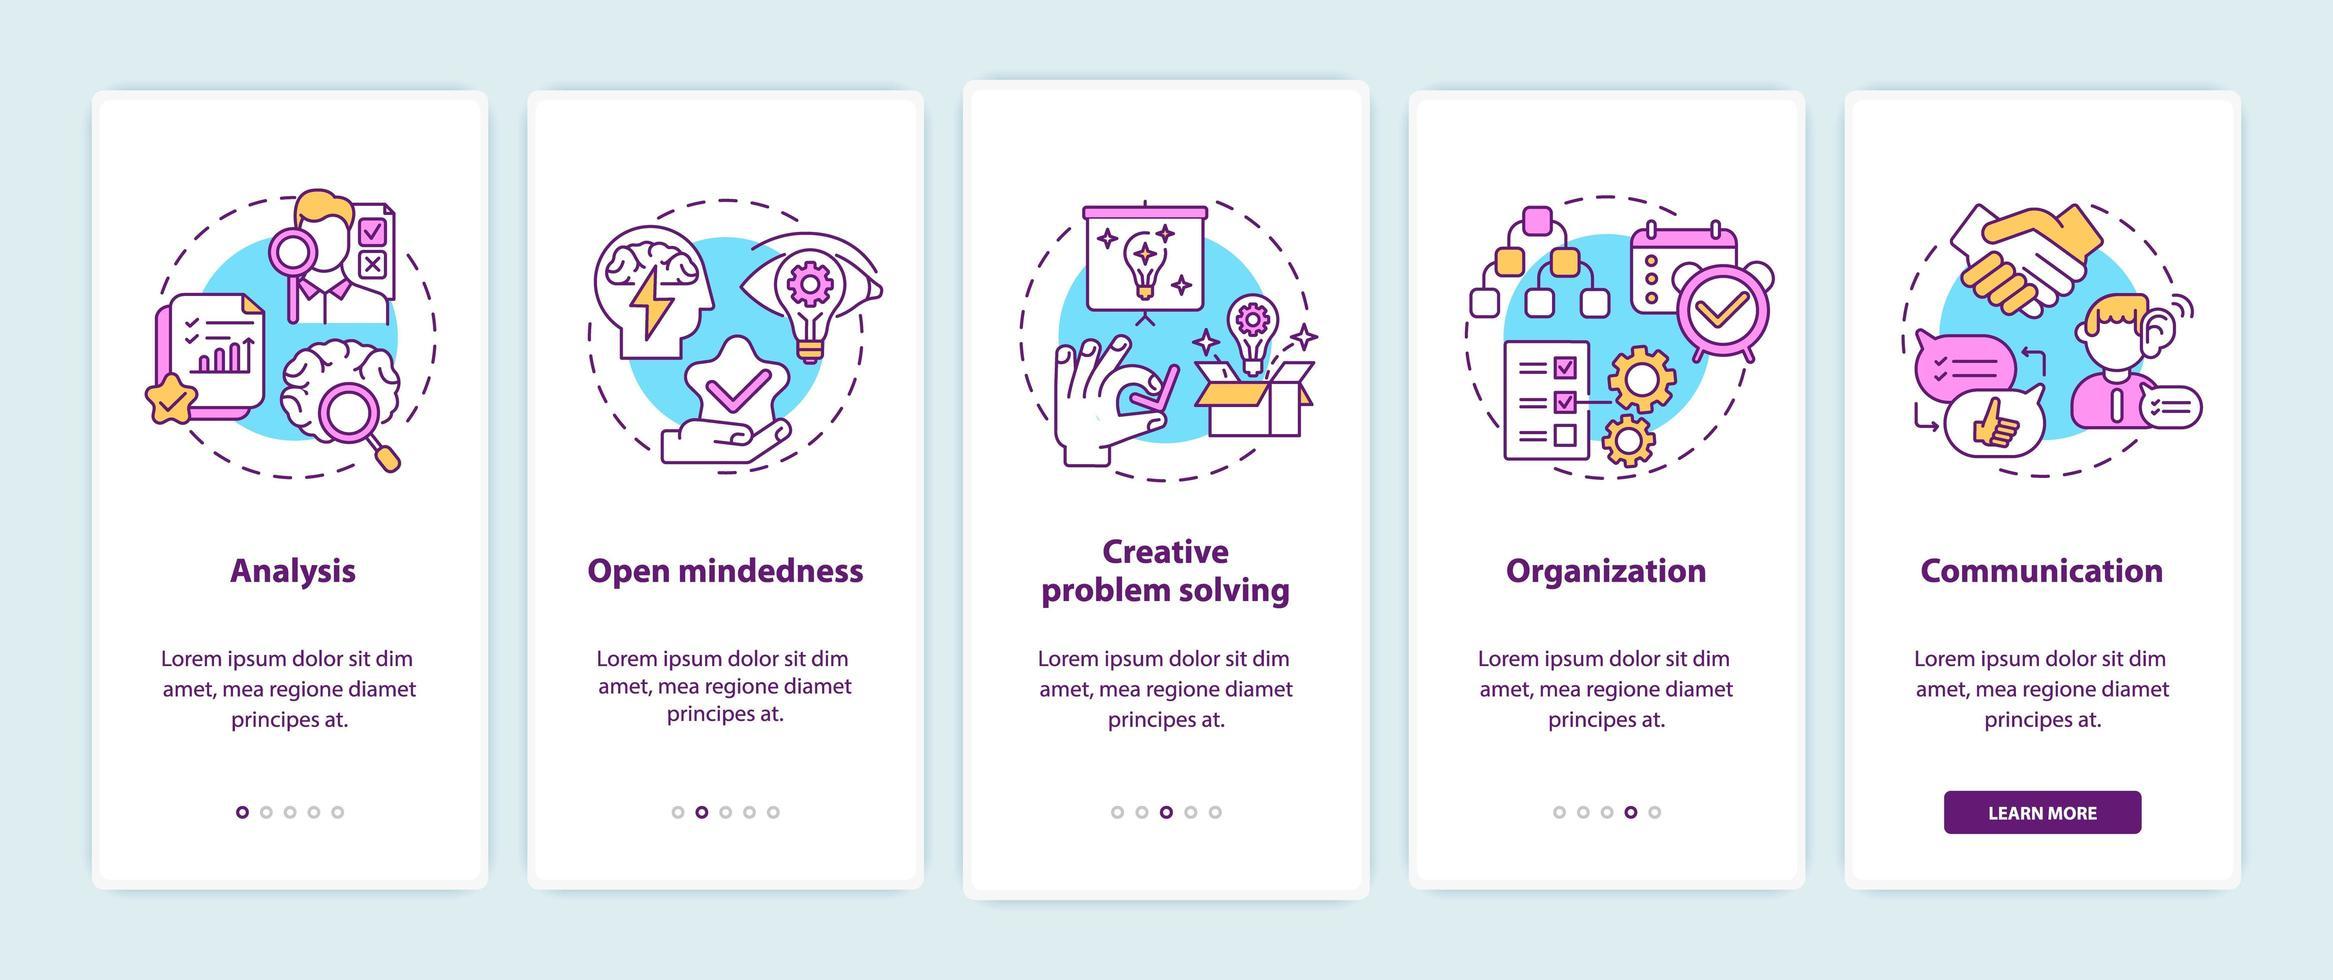 écran de la page de l'application mobile d'intégration des types de pensée créative vecteur